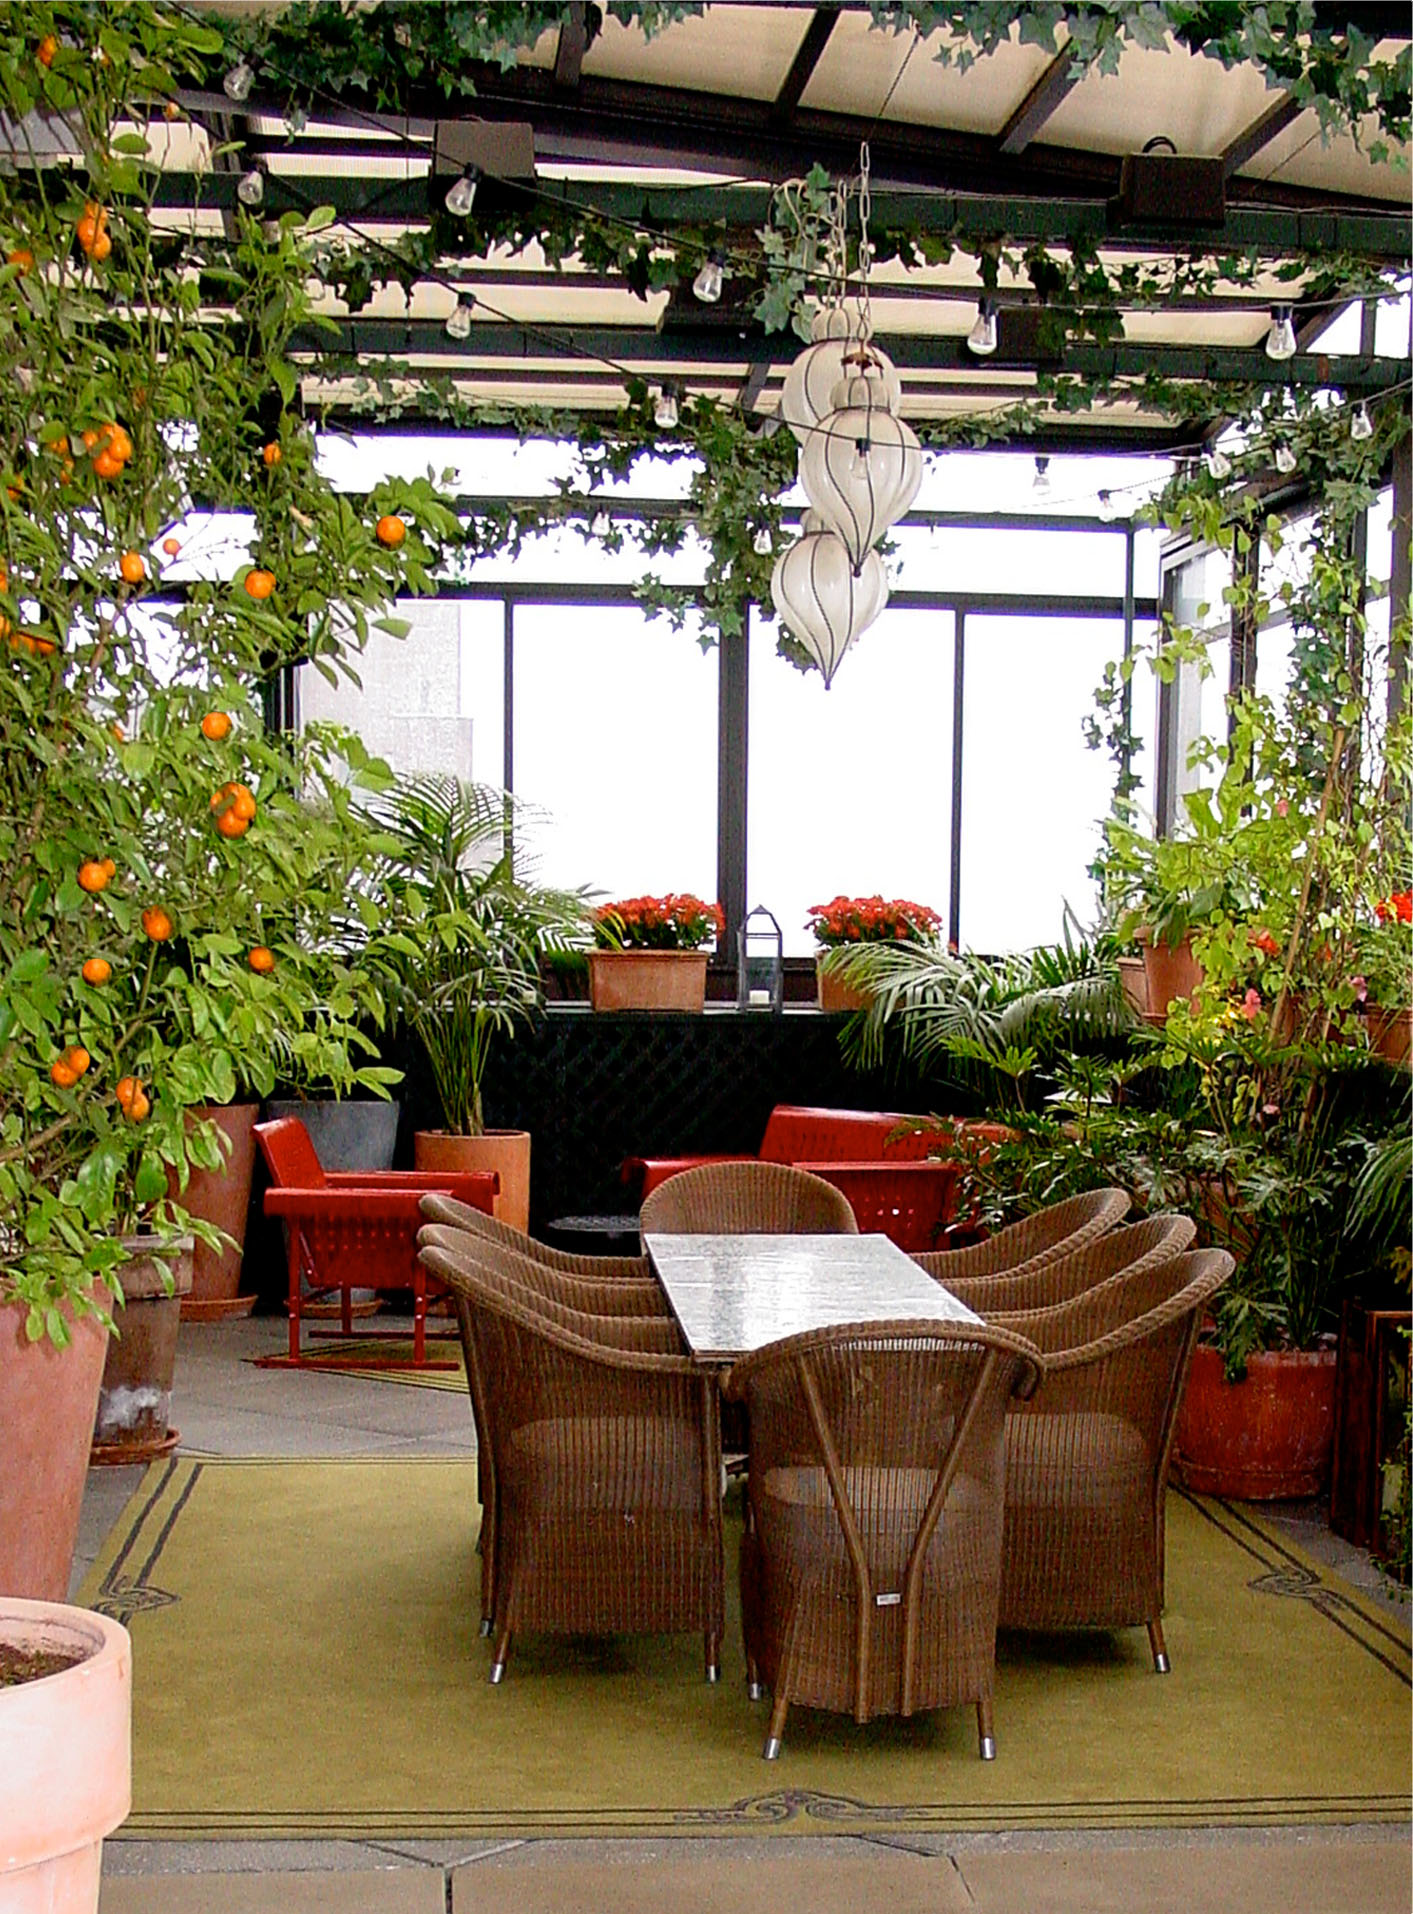 Gramercy Hotel - New York City